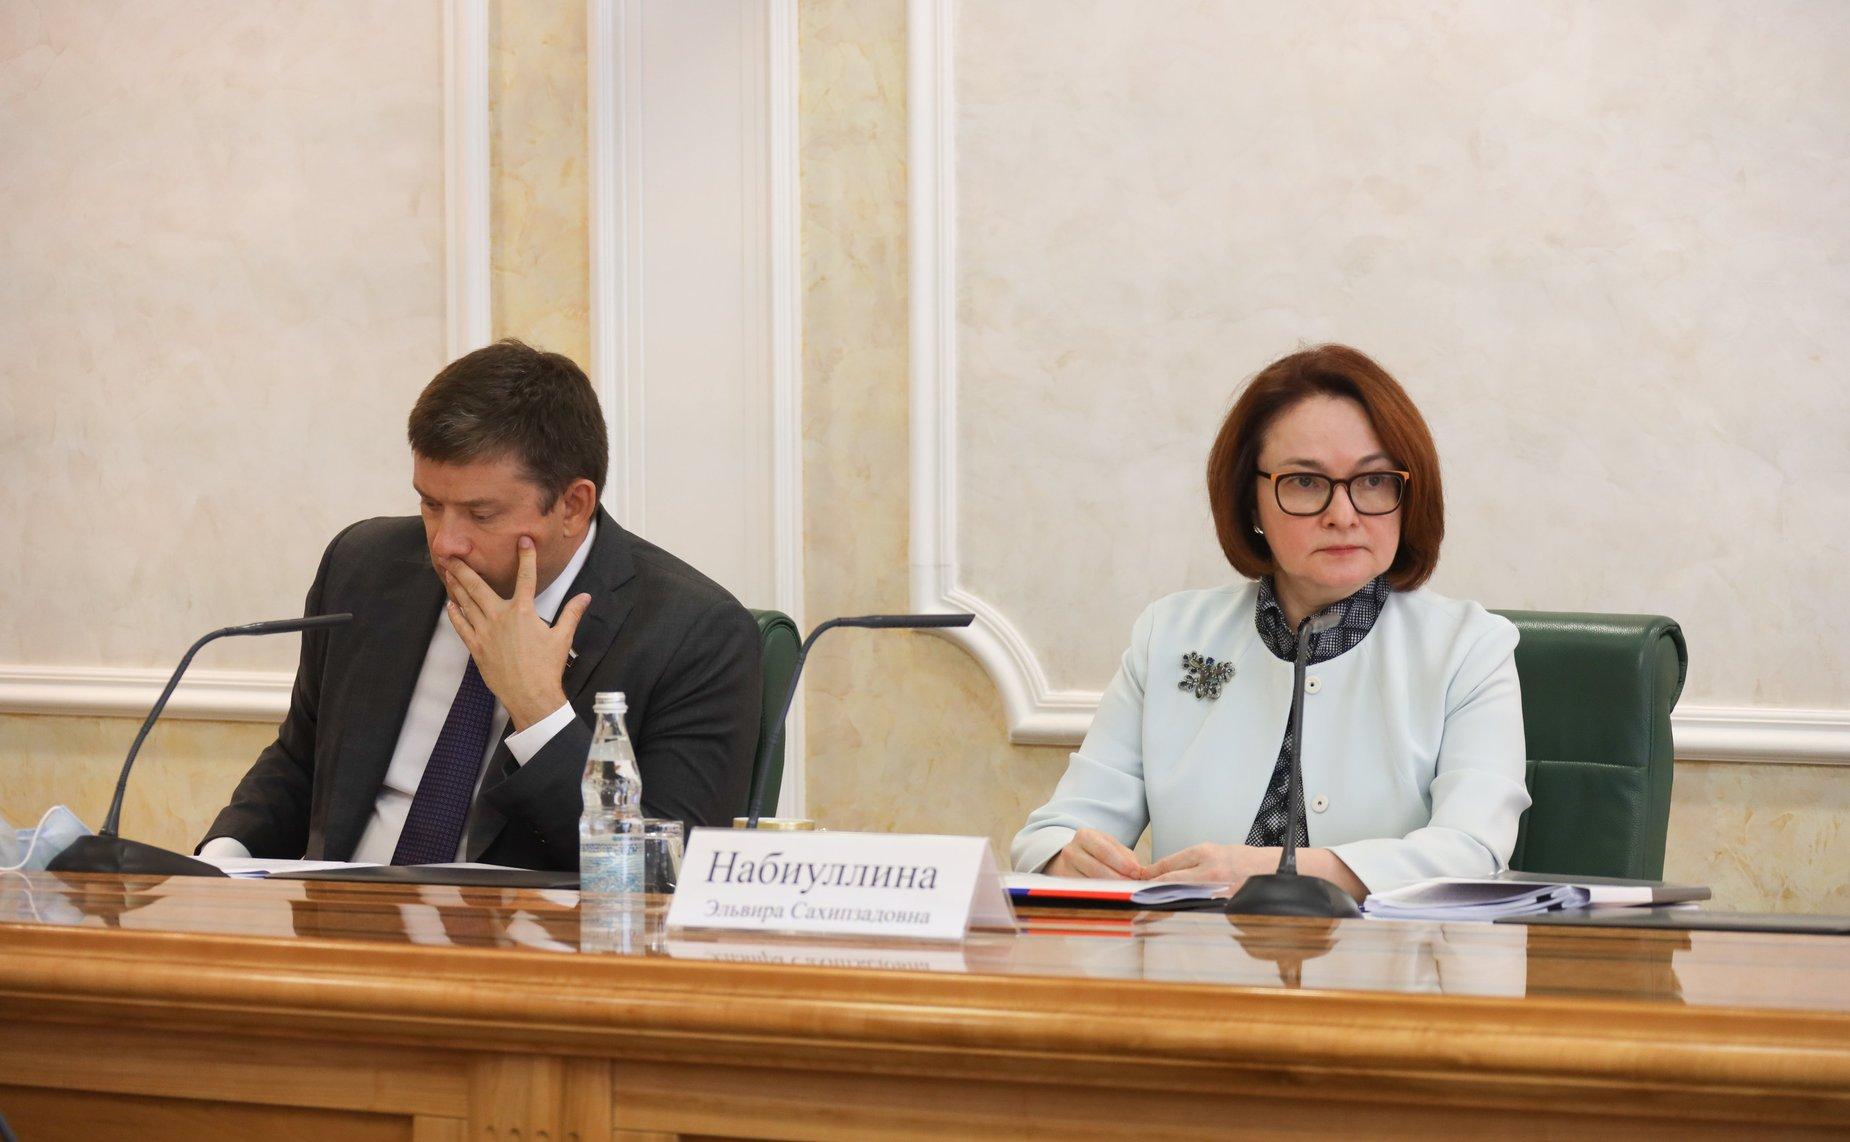 ЦБ РФ имеет возможности для снижения ключевой ставки